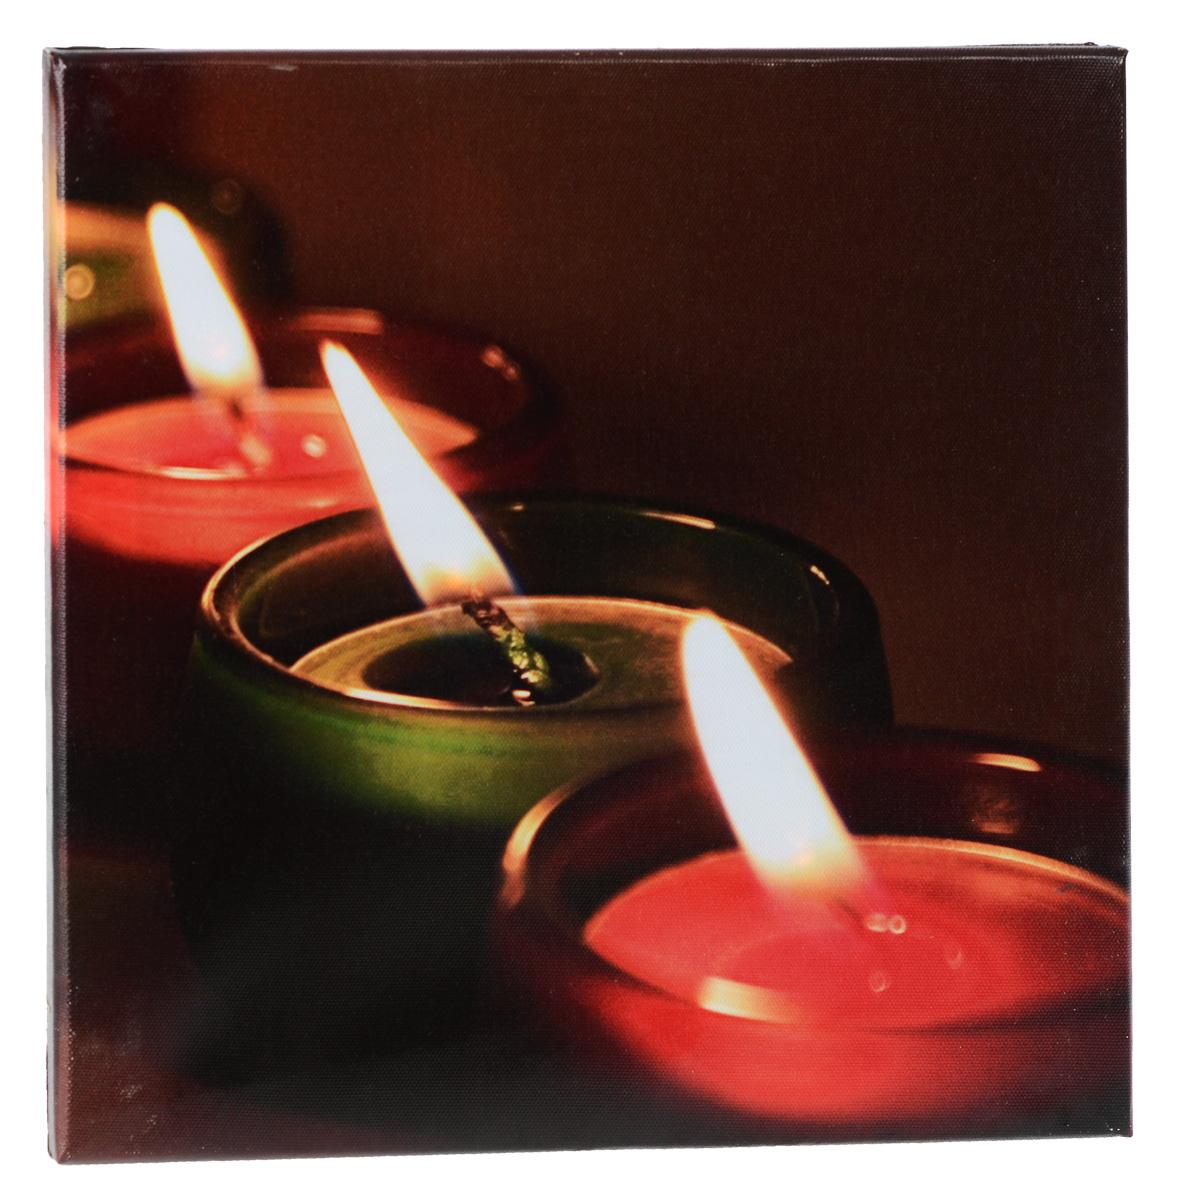 Картина MTH Три свечи, со светодиодами, 30 см х 30 смled3030-02Картина MTH Три свечи выполнена на основе из МДФ, обтянутой холстом. Изделие оснащено светодиодами. Их теплый мерцающий в темноте свет оживит ваш дом и добавит ему уюта. На картине изображены 3 декоративные свечи. Благодаря светодиодной подсветке создается ощущение, что теплый свет, исходящий от свечей, действительно может согревать. С оборотной стороны картина оснащена специальным отверстием для подвешивания на стену. Необычная картина придаст интерьеру невероятного шарма и оригинальности. Рисунок успокаивает нервную систему, помогая расслабиться и отвлечься от повседневных забот. Подсветка работает от 2 батареек типа АА напряжением 1,5V (в комплект не входят).